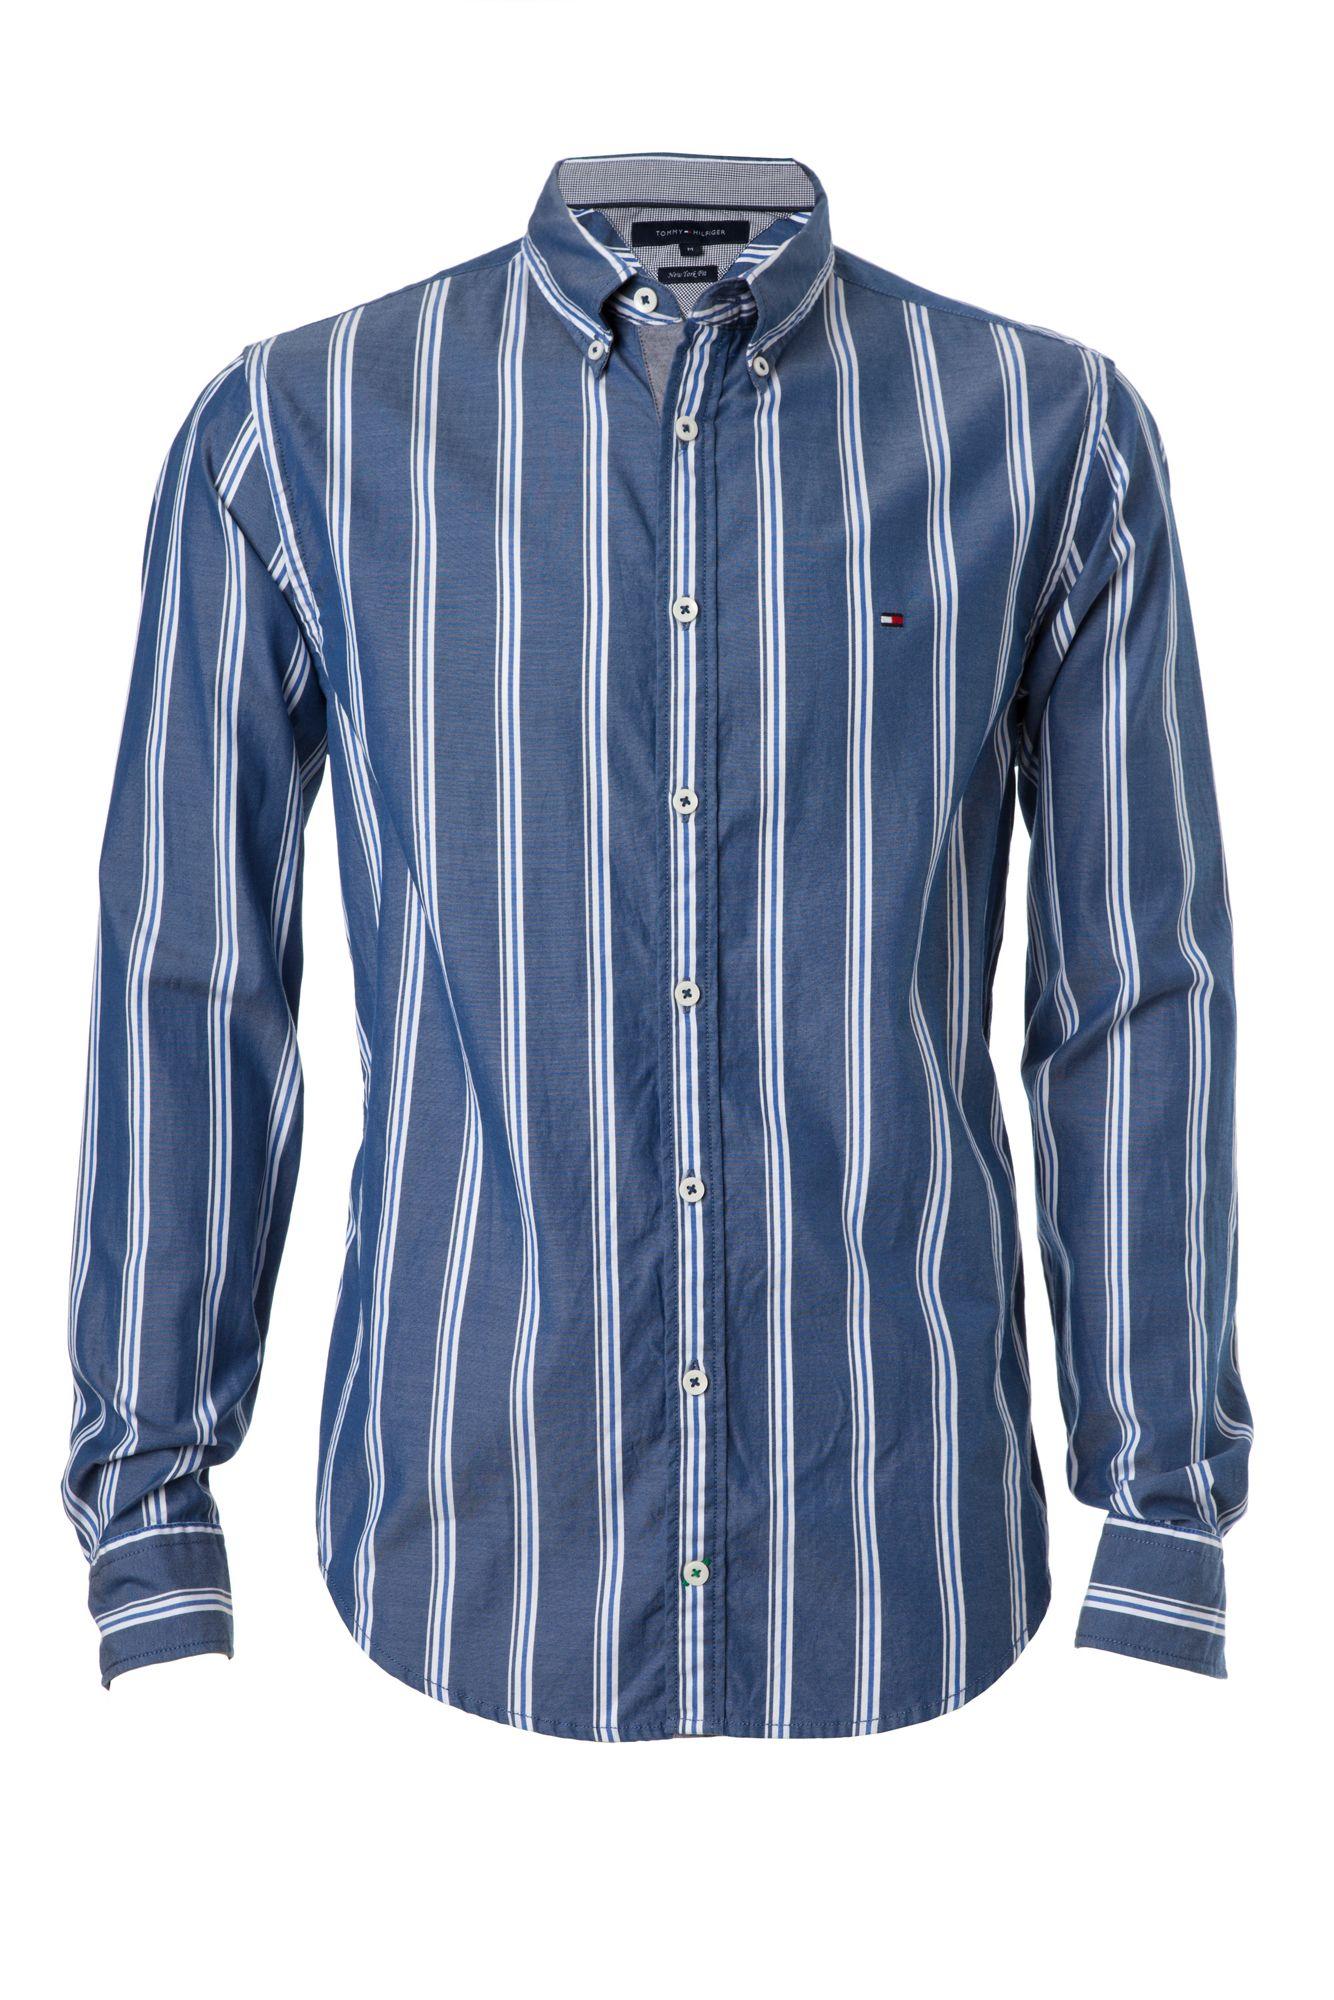 tommy hilfiger reno stripe shirt in blue for men lyst. Black Bedroom Furniture Sets. Home Design Ideas